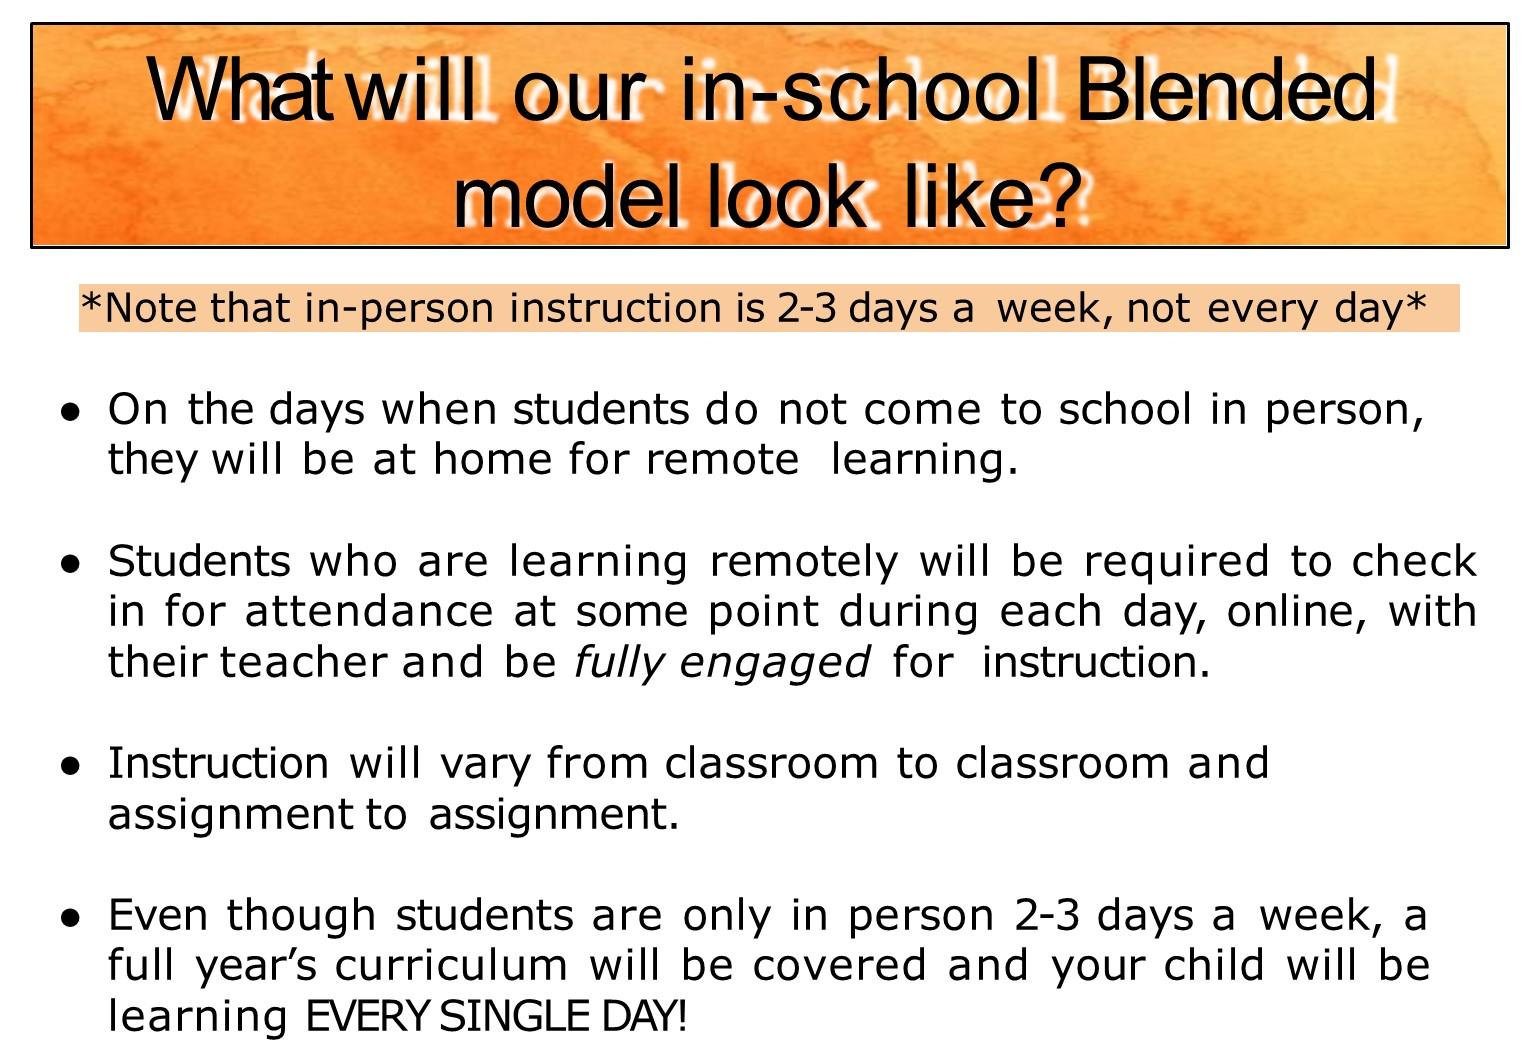 Blended model explained in school